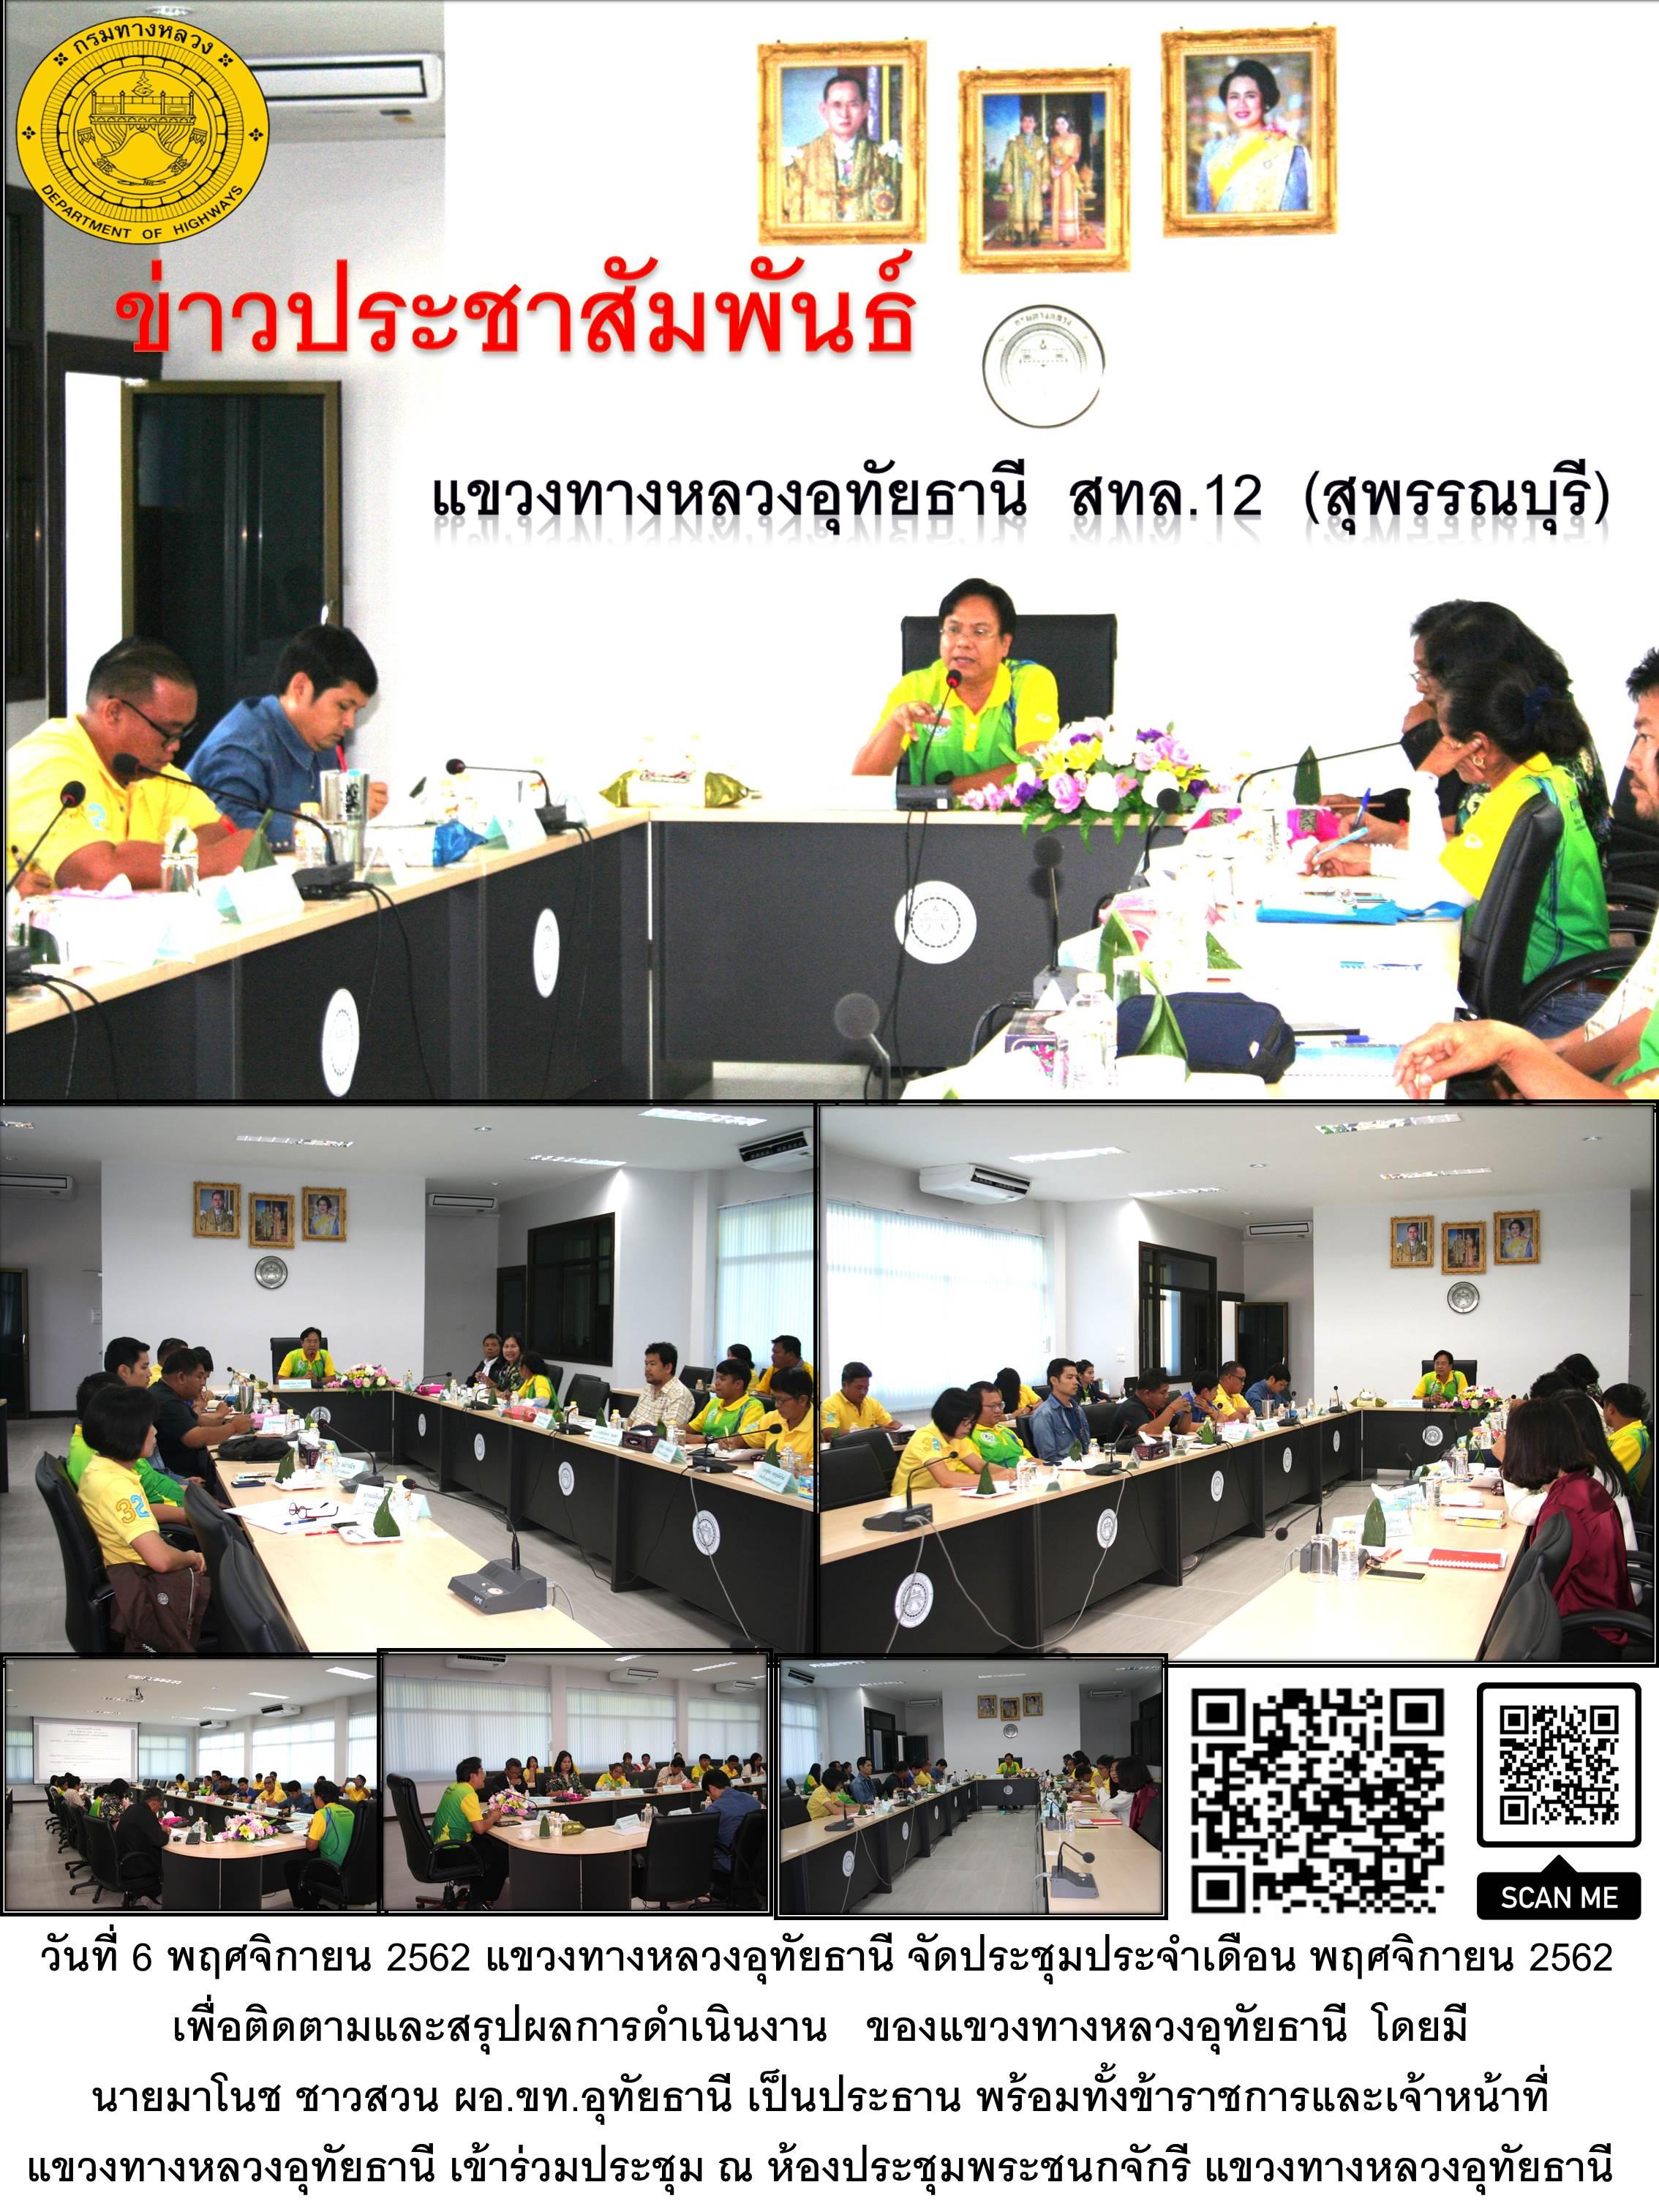 ประชุมประจำเดือน พฤศจิกายน 2562 เพื่อติดตามและสรุปผลการดำเนินงาน   ของแขวงทางหลวงอุทัยธานี